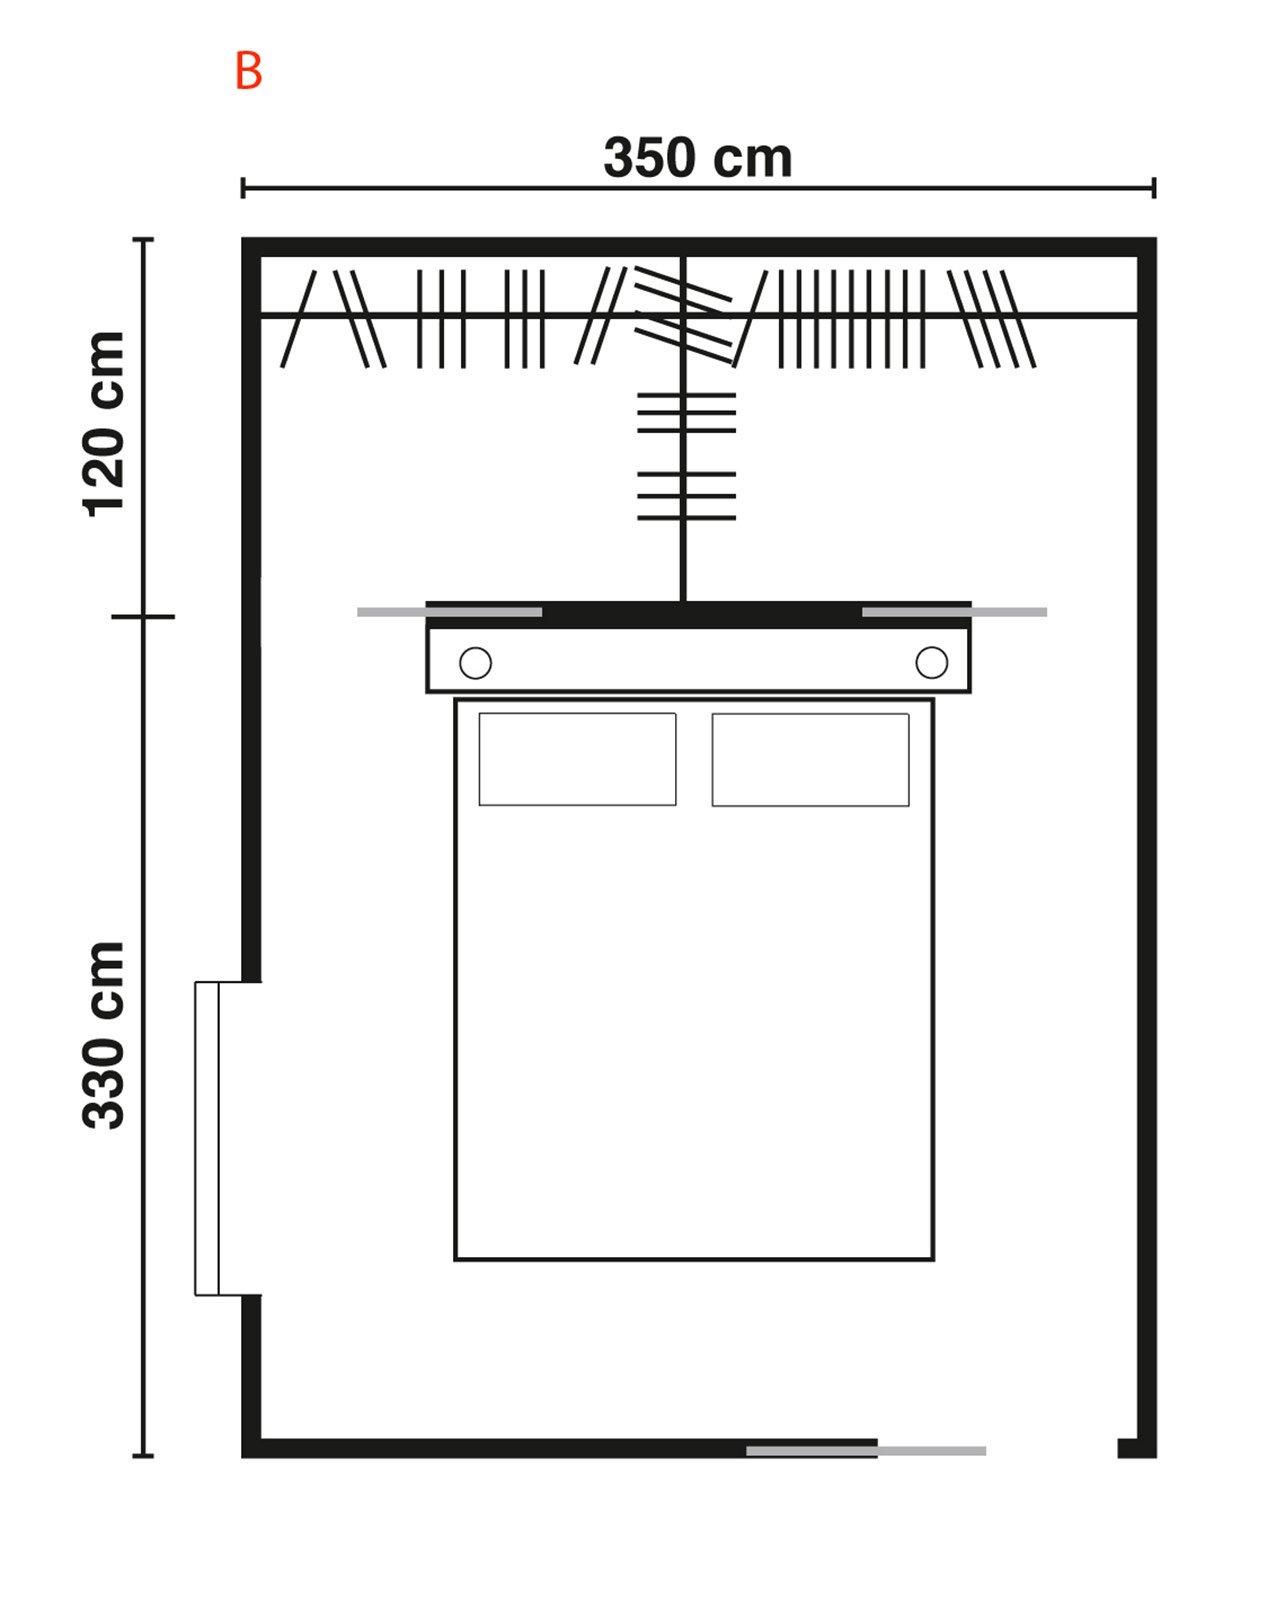 Cabine armadio progettiamo insieme lo spazio cose di casa - Cabina armadio dimensioni ...